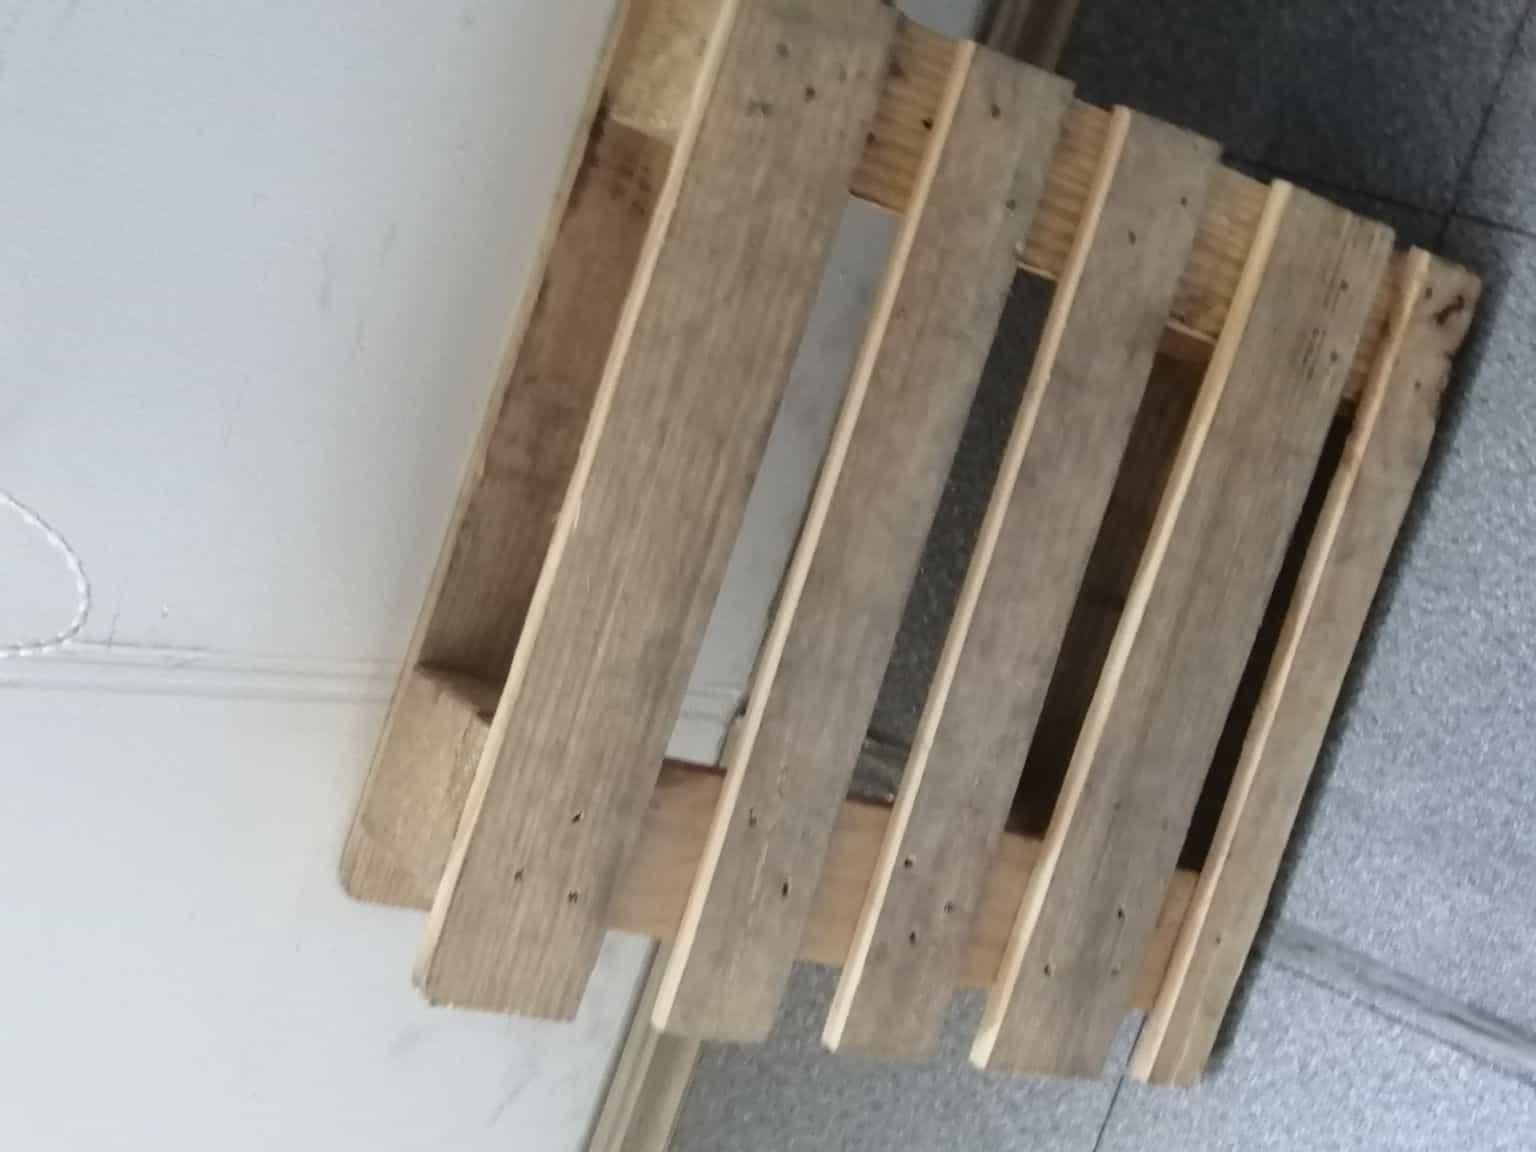 廊坊松木实木托盘报价过程中